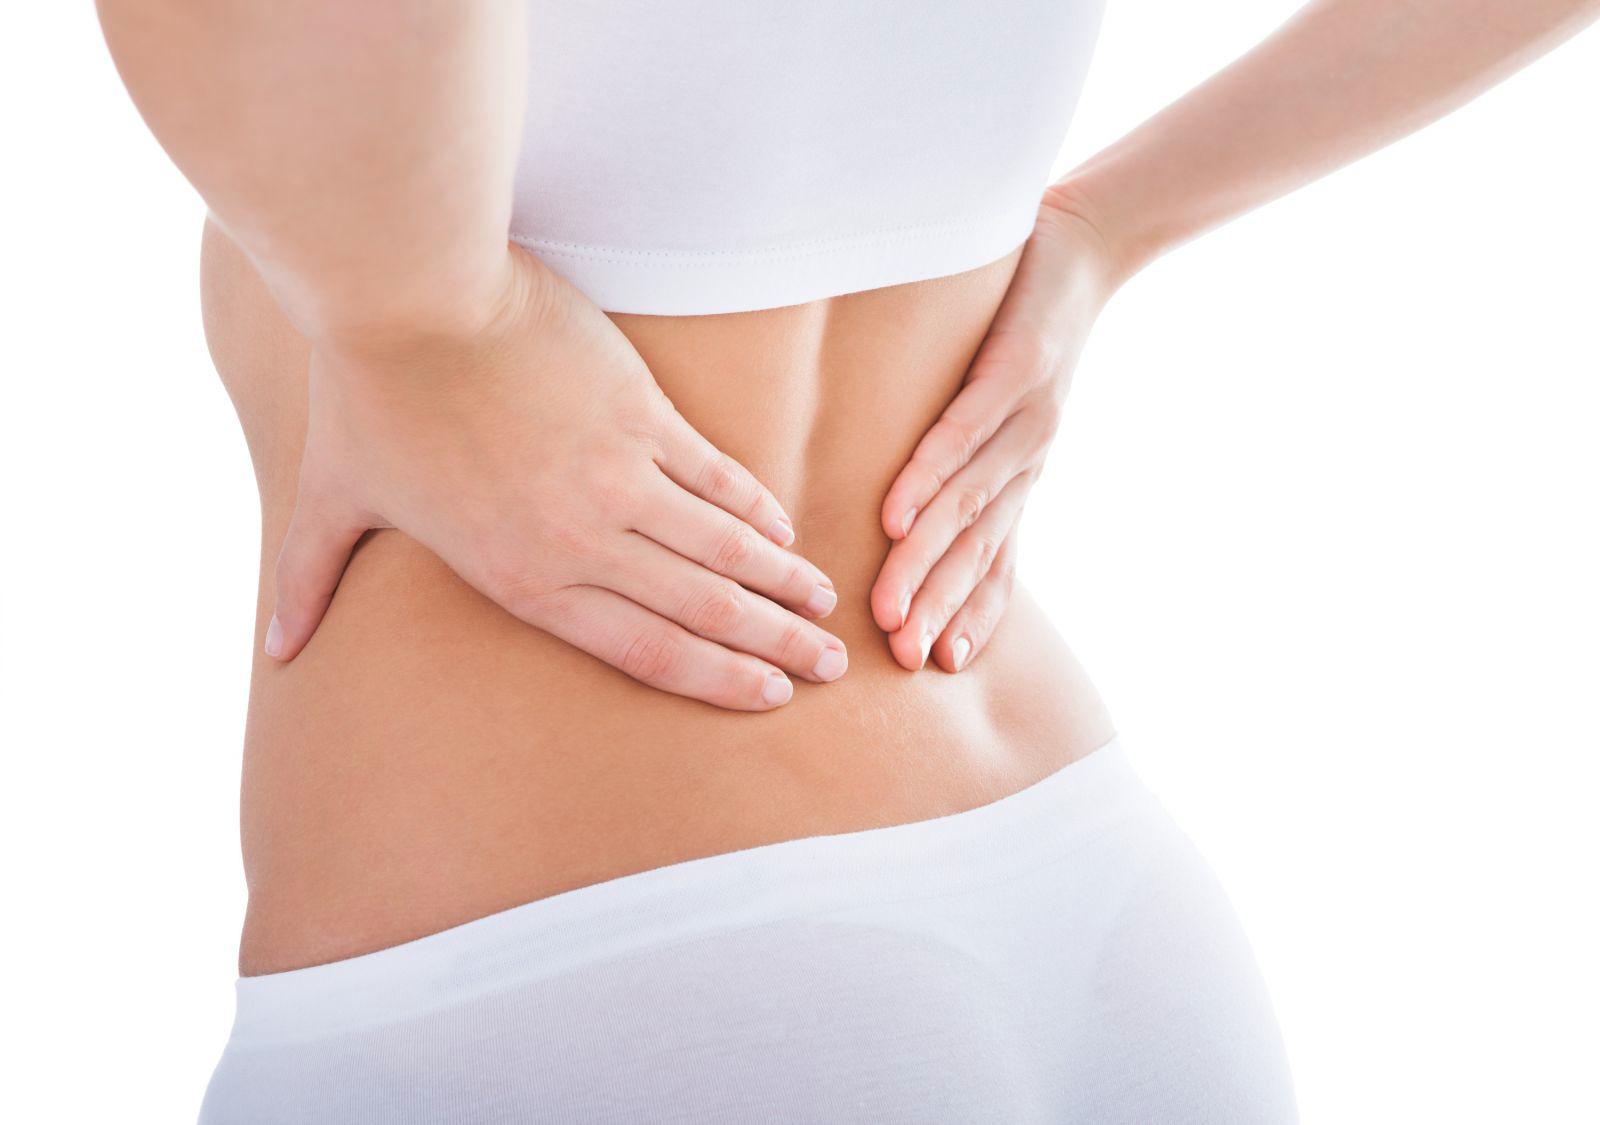 Đau lưng dưới là một trong những biểu hiện của ung thư cổ tử cung